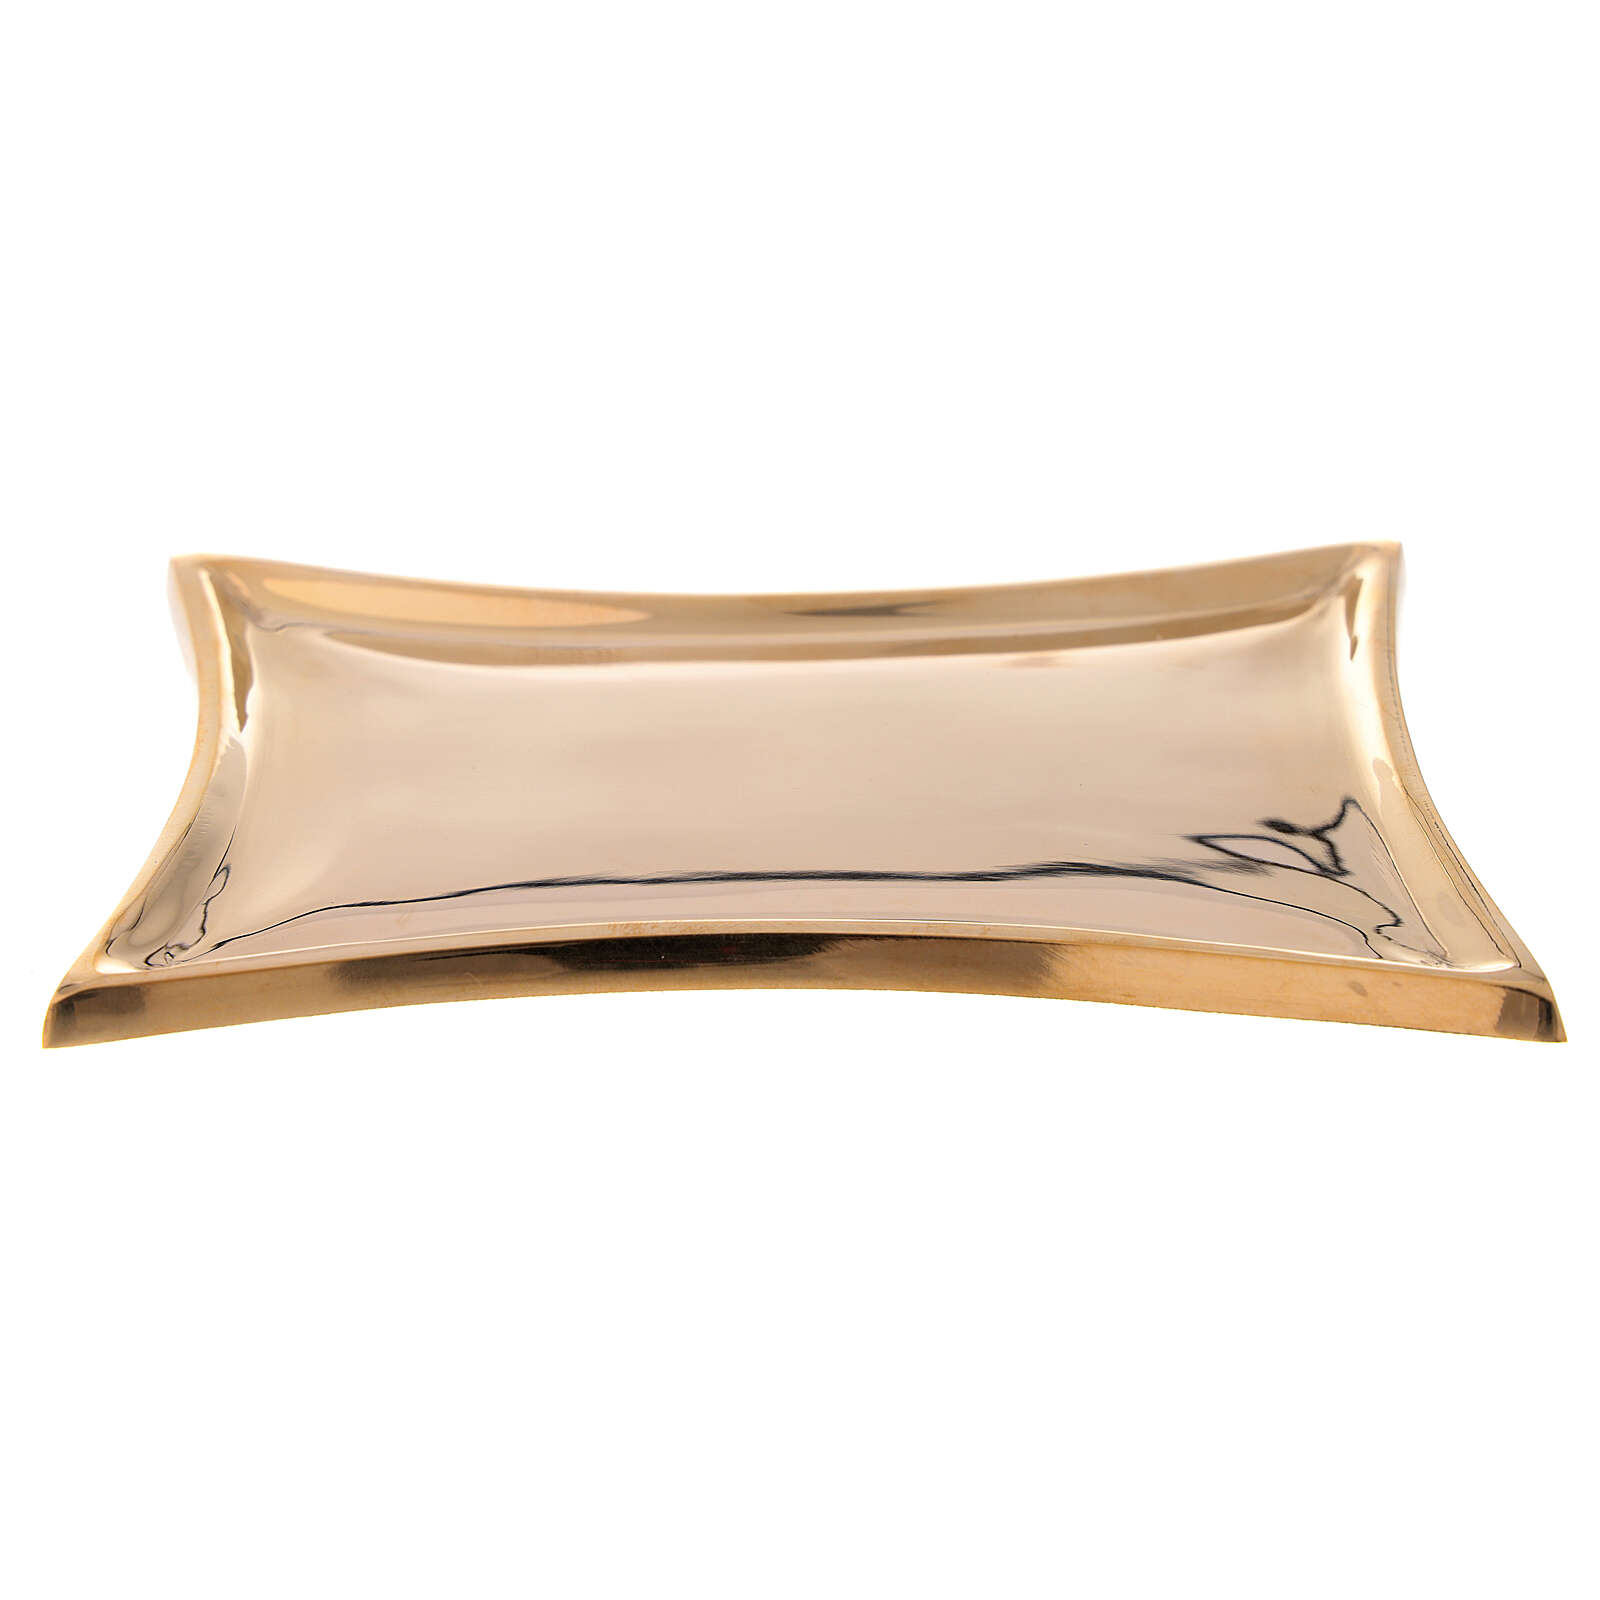 Piattino concavo ottone dorato lucido 3